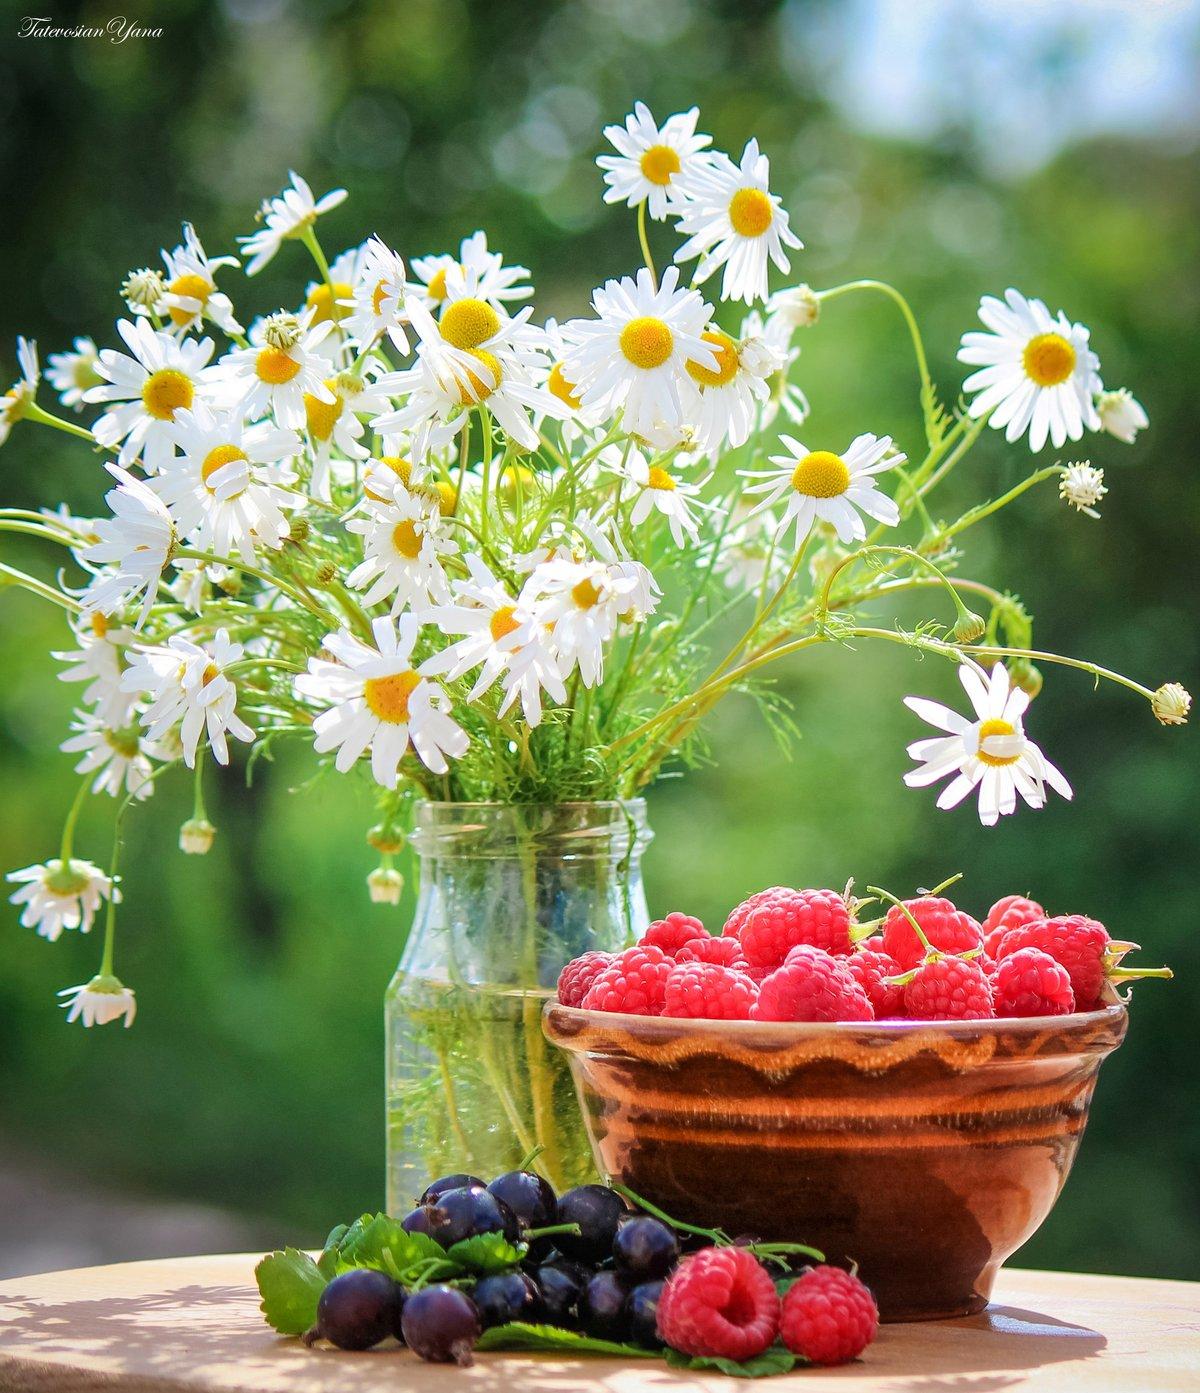 Красивые открытки с полевыми цветами с добрым утром, открытки сюрпризе открытки